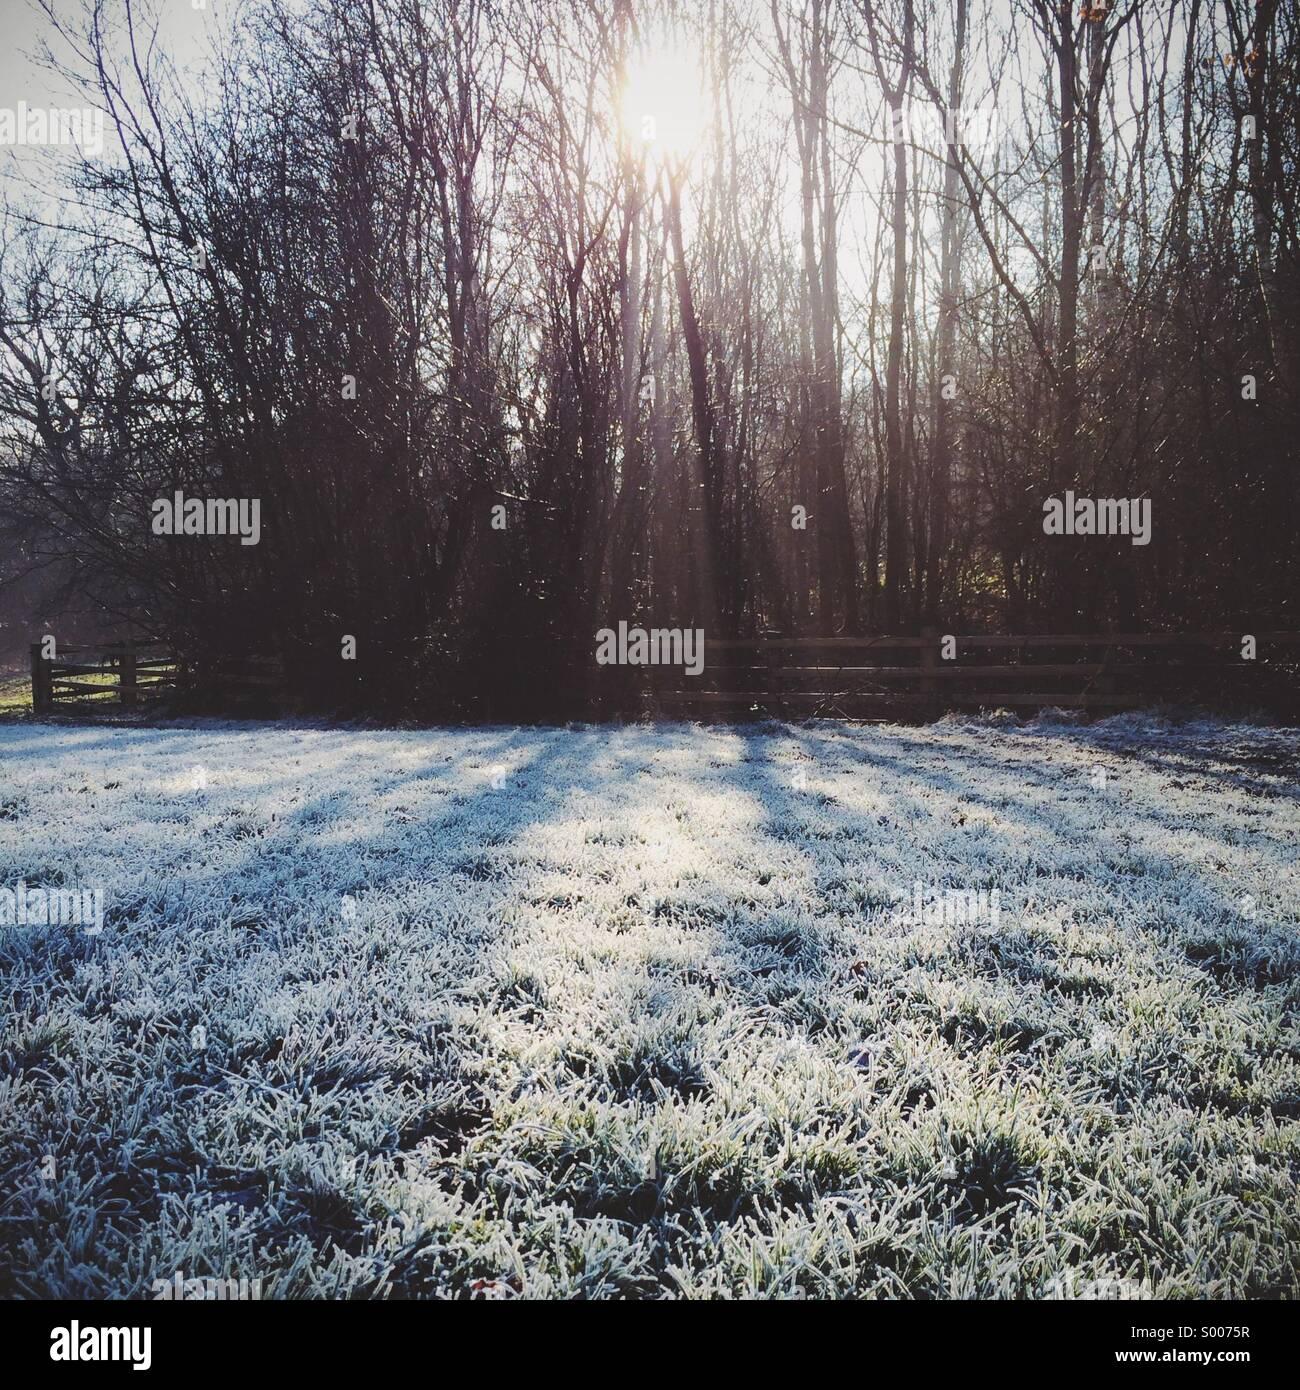 Tief stehender Sonne durch Bäume und Schatten auf einem Flecken des Grases, der mit einem harten Frost fällt Stockbild